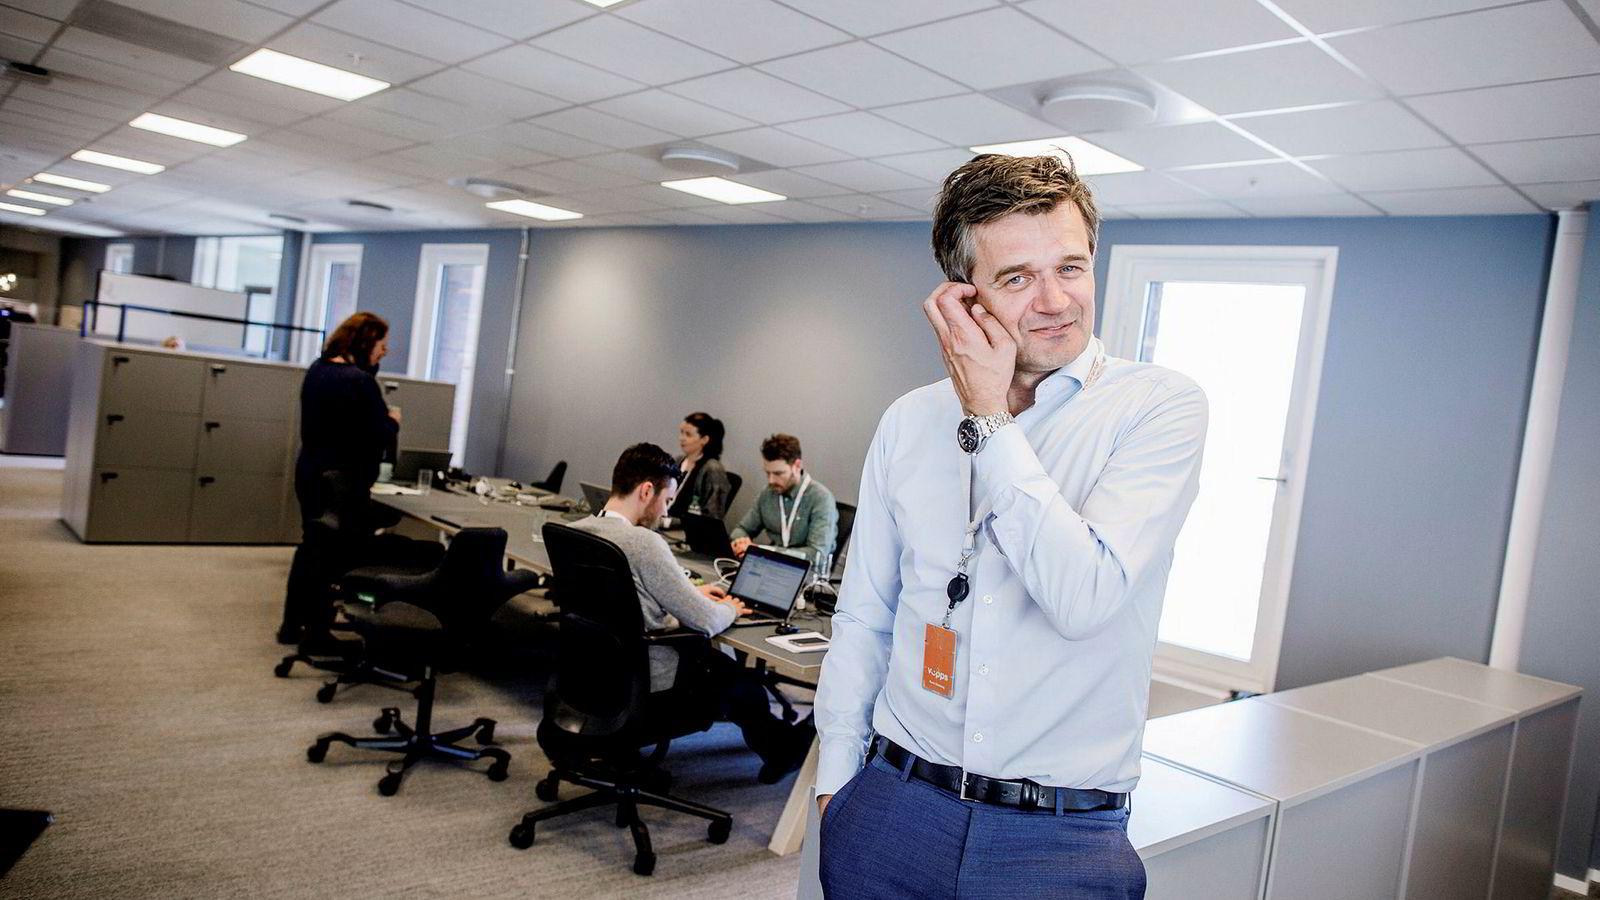 Vipps-sjef Rune Garborg må vente i flere måneder på å få fusjonen med BankID og Bankaxept godkjent. Det kan ramme konkurransen med aktører fra utlandet som er på vei inn i Skandinavia.